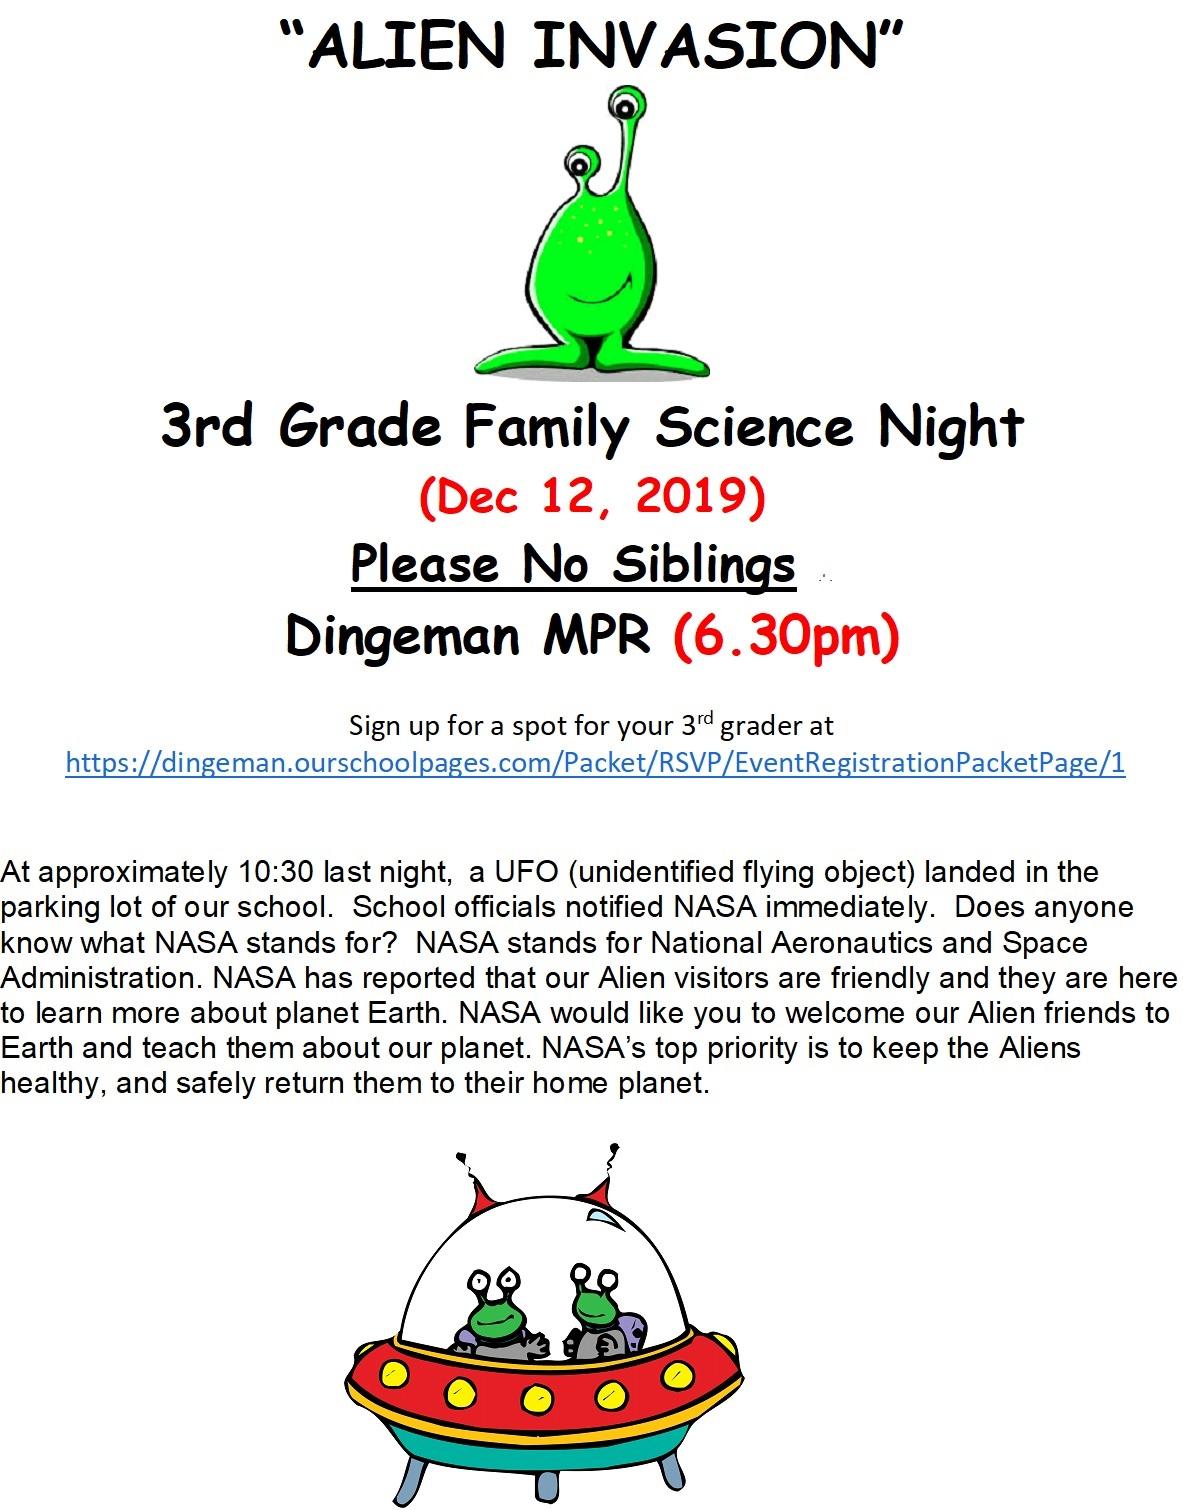 3rd Grade Family Science Night